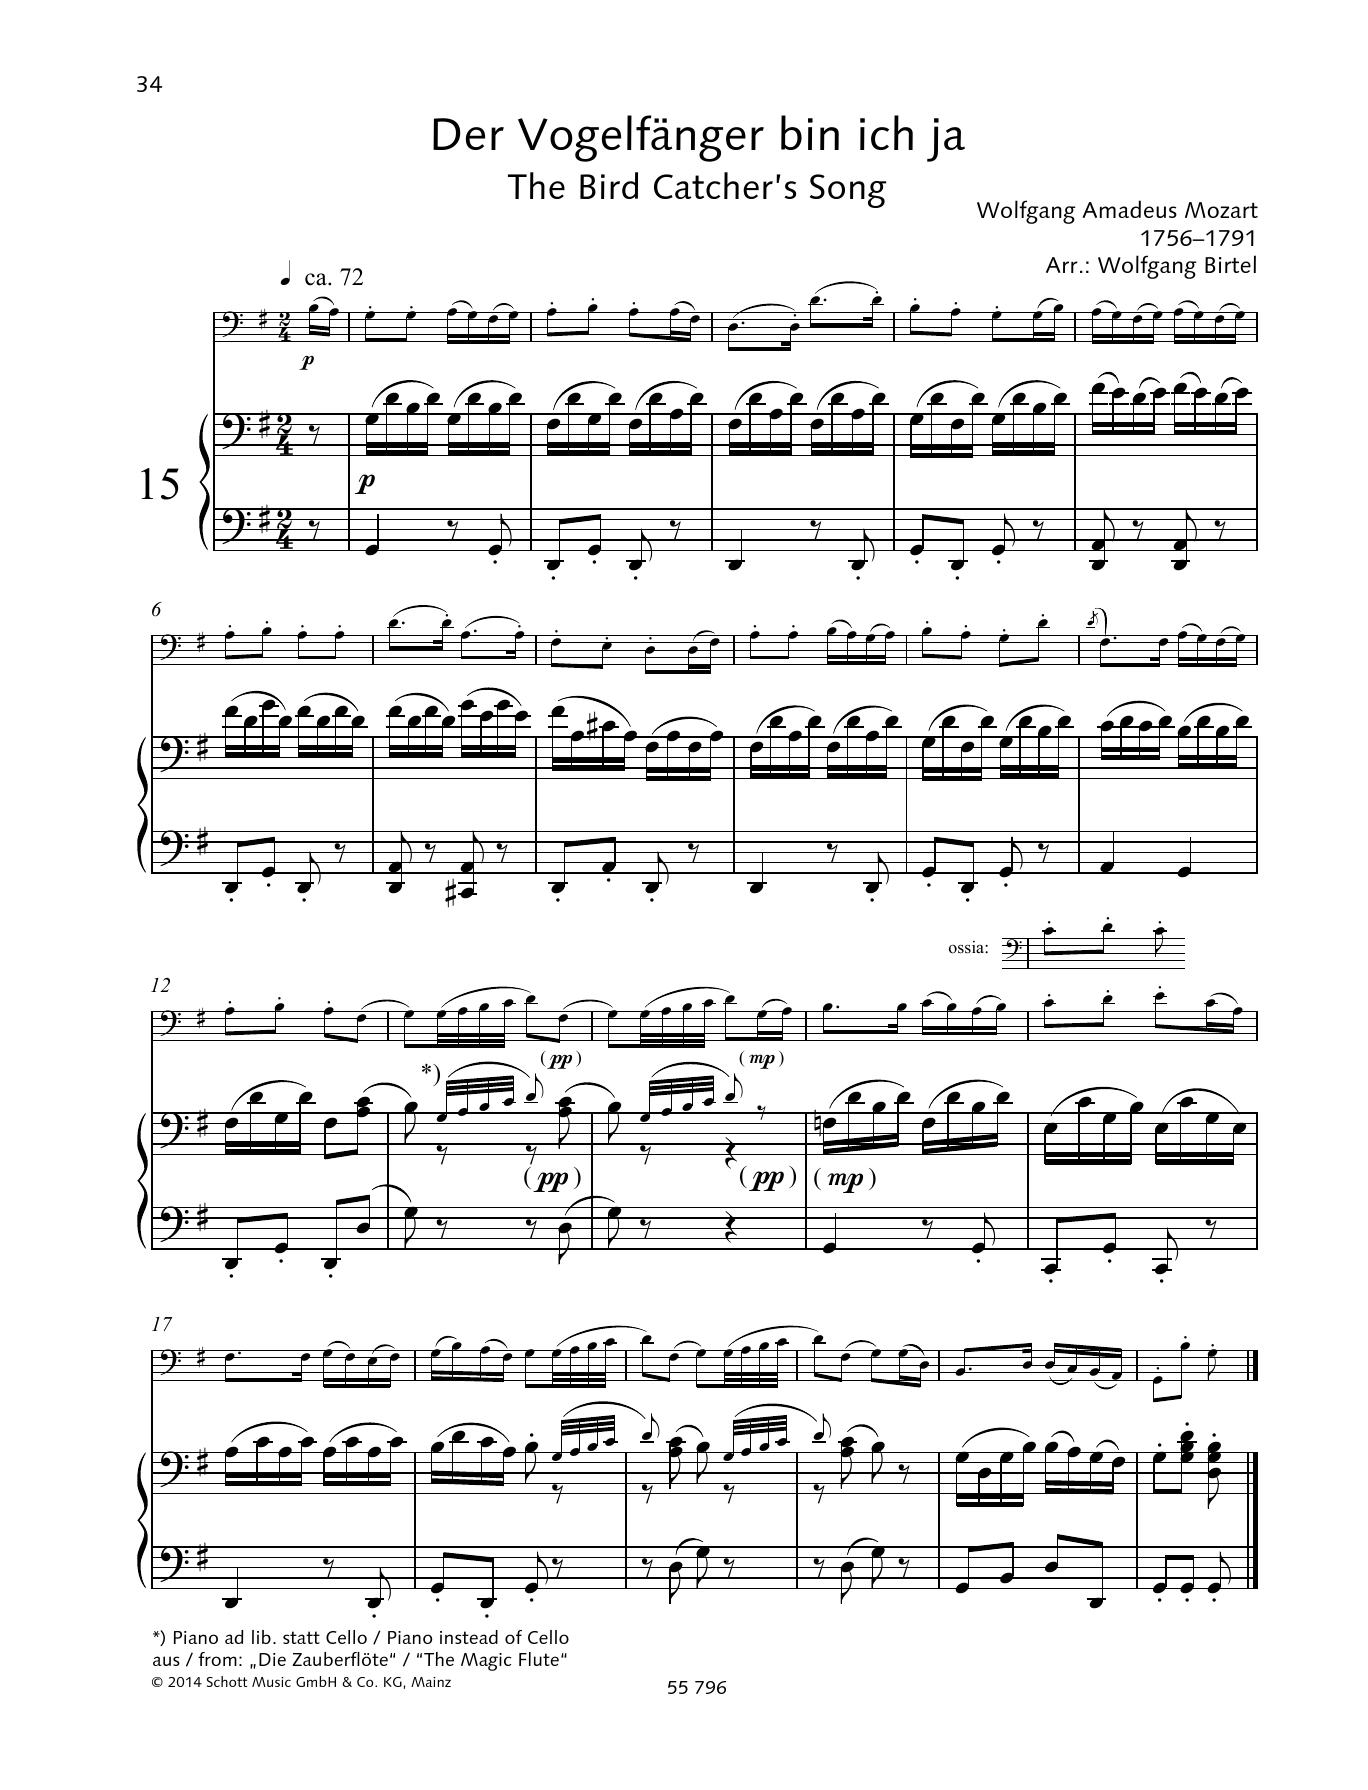 The Bird Catcher's Song Sheet Music